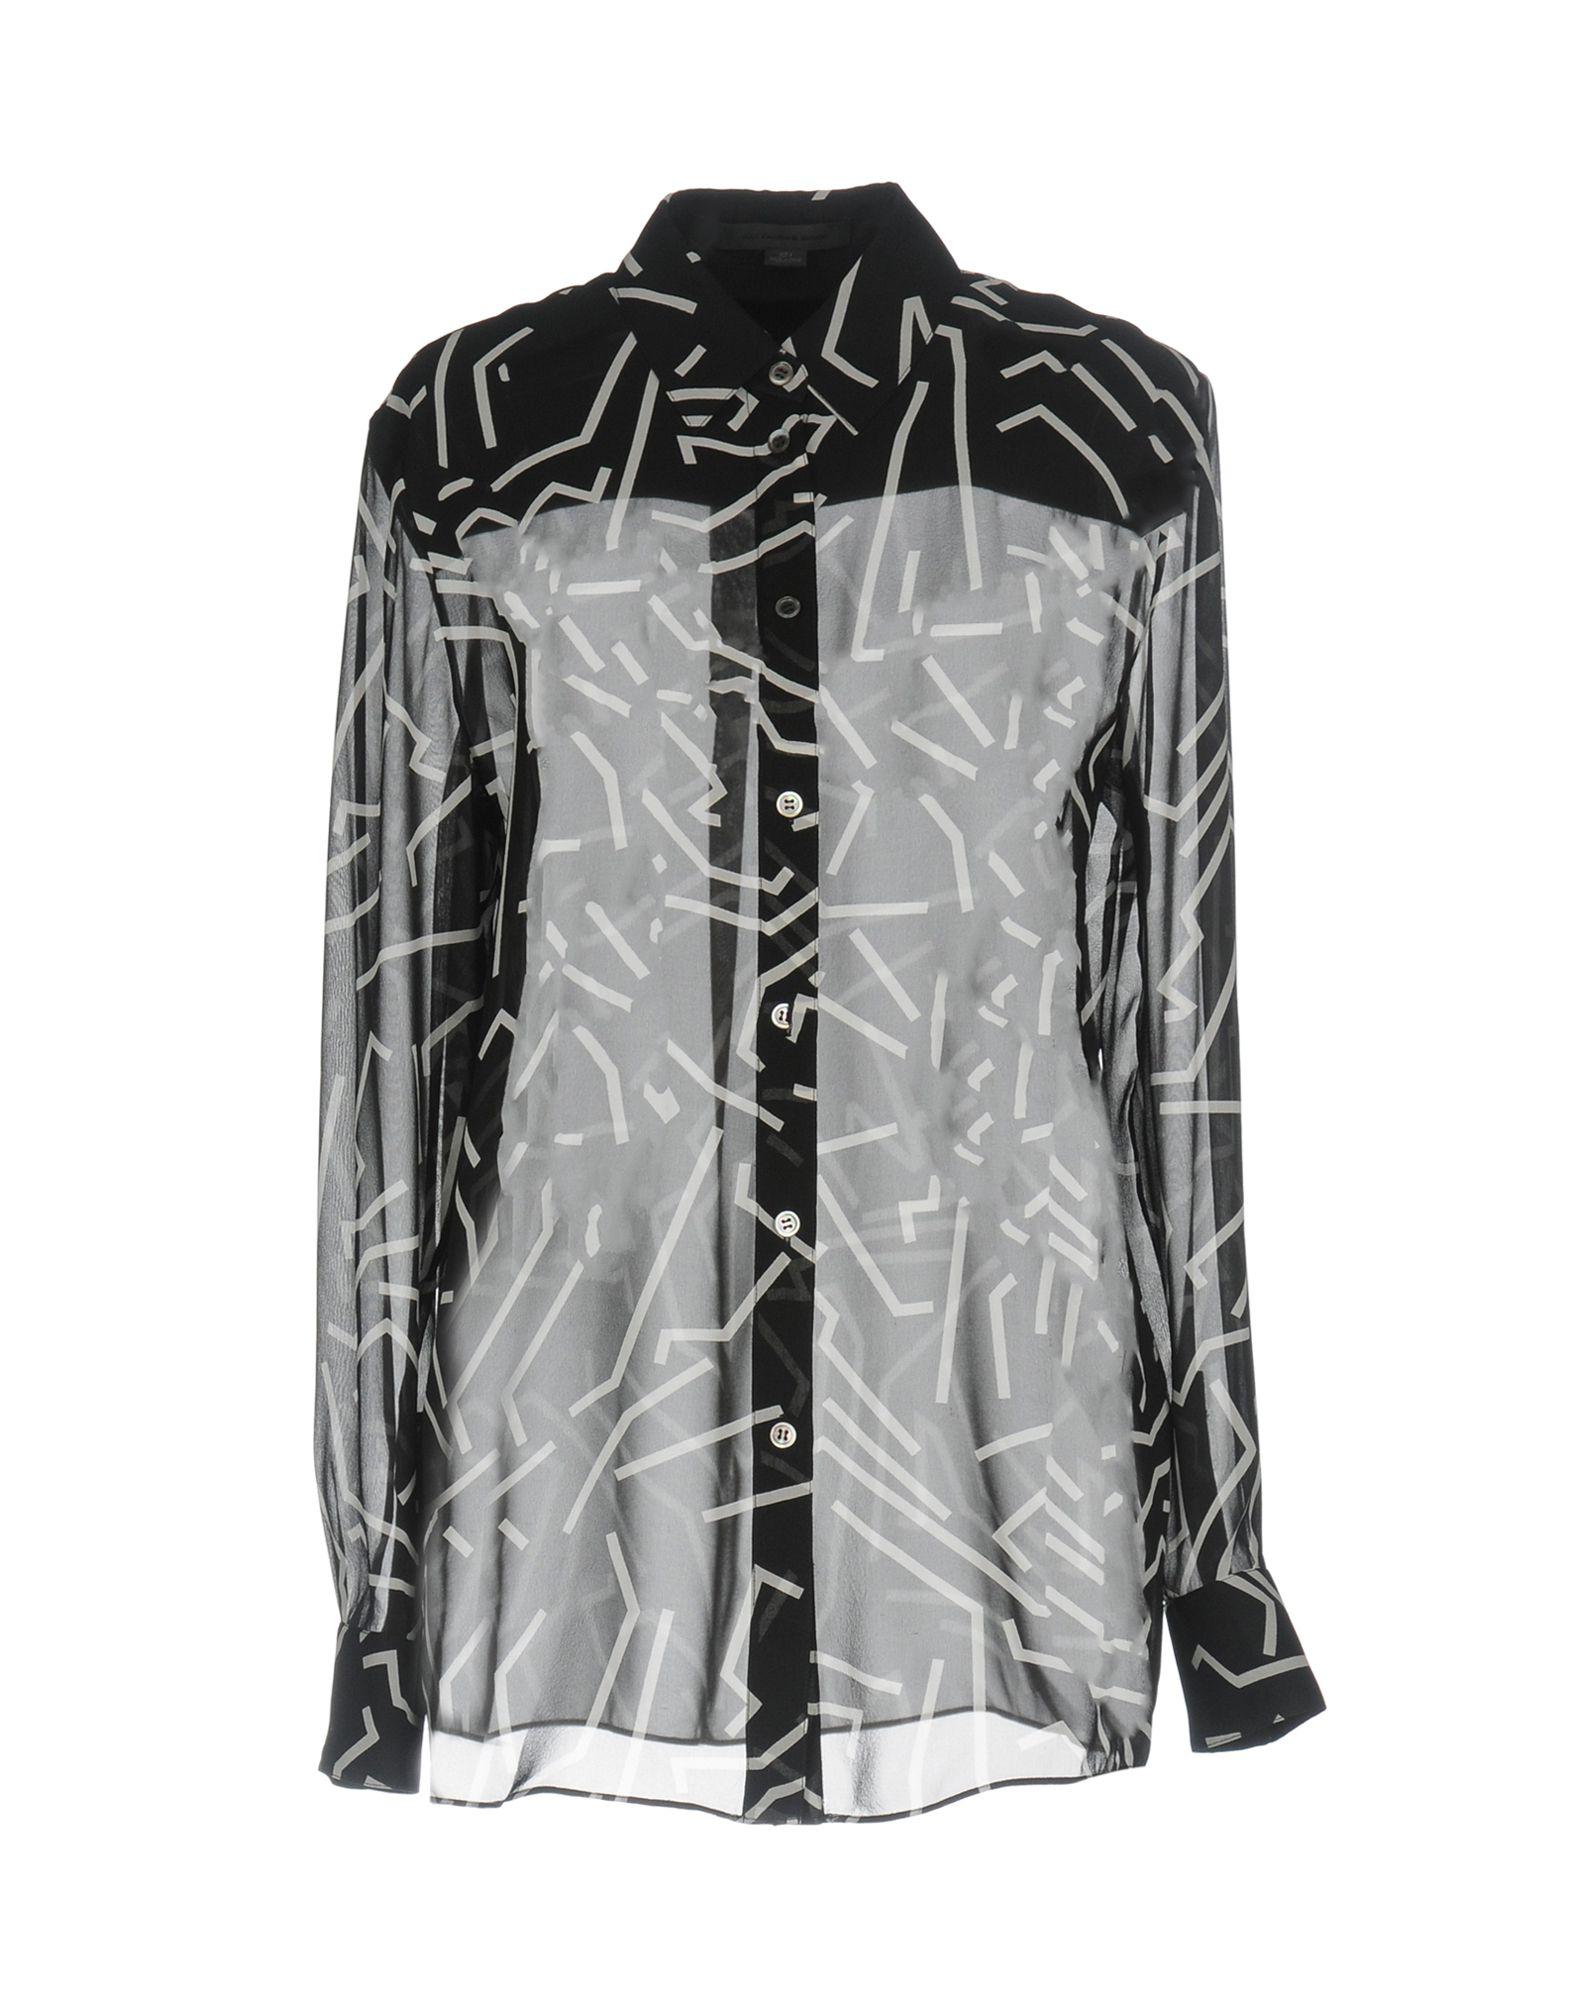 [신상품] 2017년 10월 여성 코트 스커트 드레스 원피스 자켓 바지 블라우스 의류